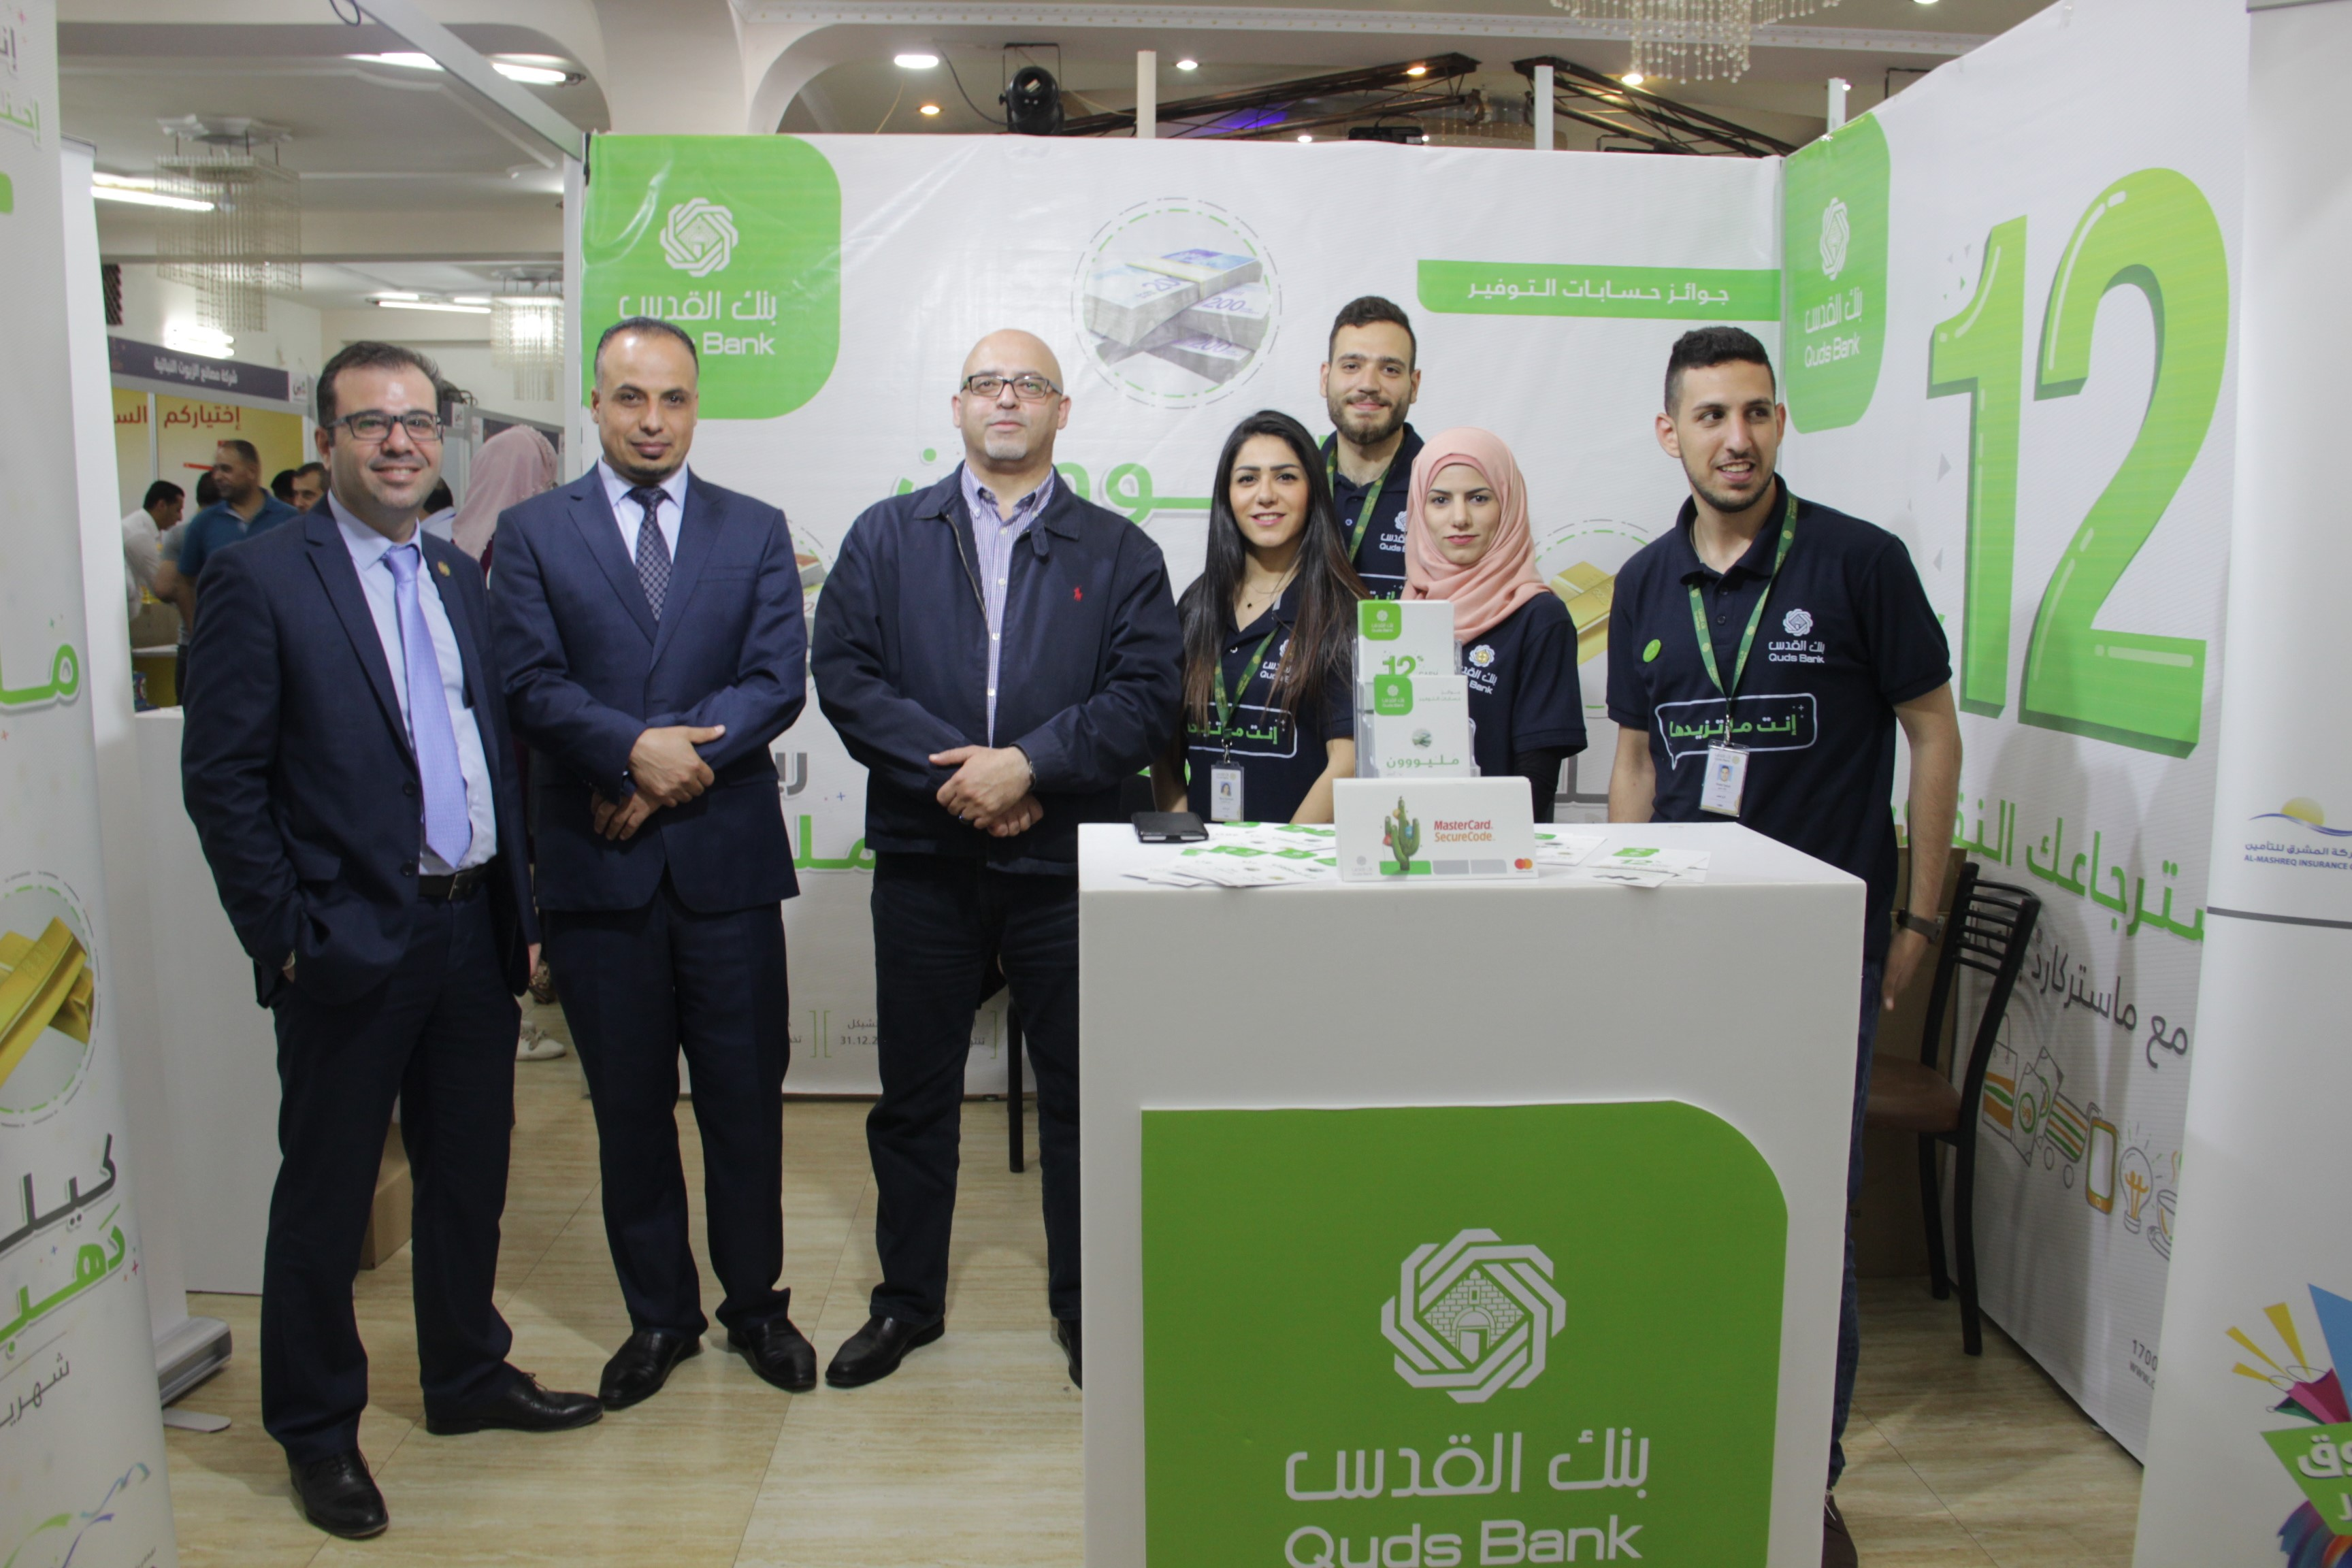 بنك القدس يقدم رعايته لمهرجان جنين للتسوق.. ويعرض خدماته عبر جناح خاص